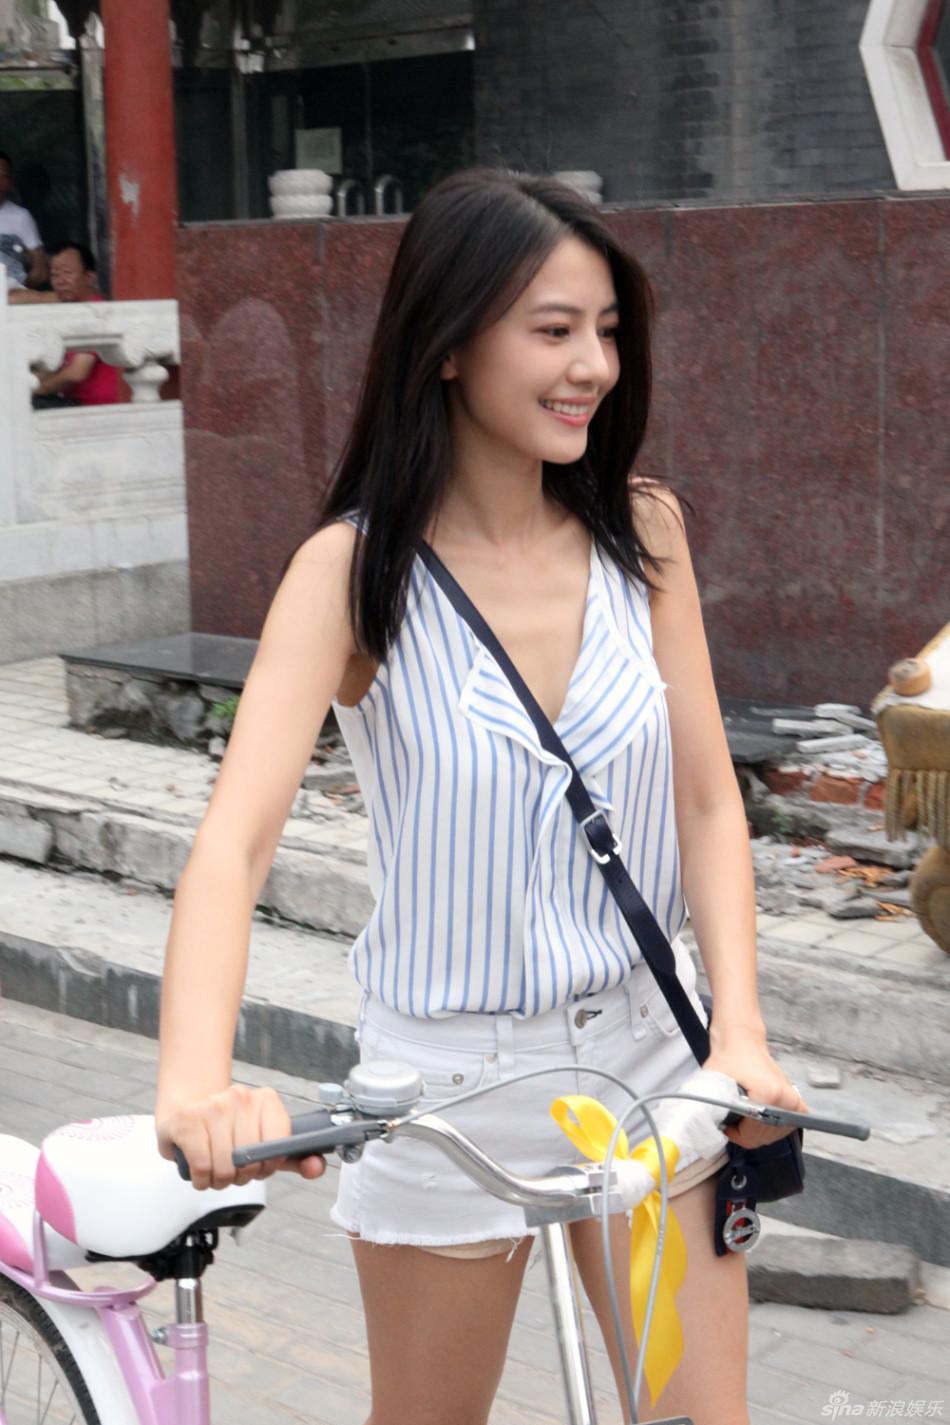 http://www.sinaimg.cn/dy/slidenews/4_img/2013_28/704_1022952_712274.jpg